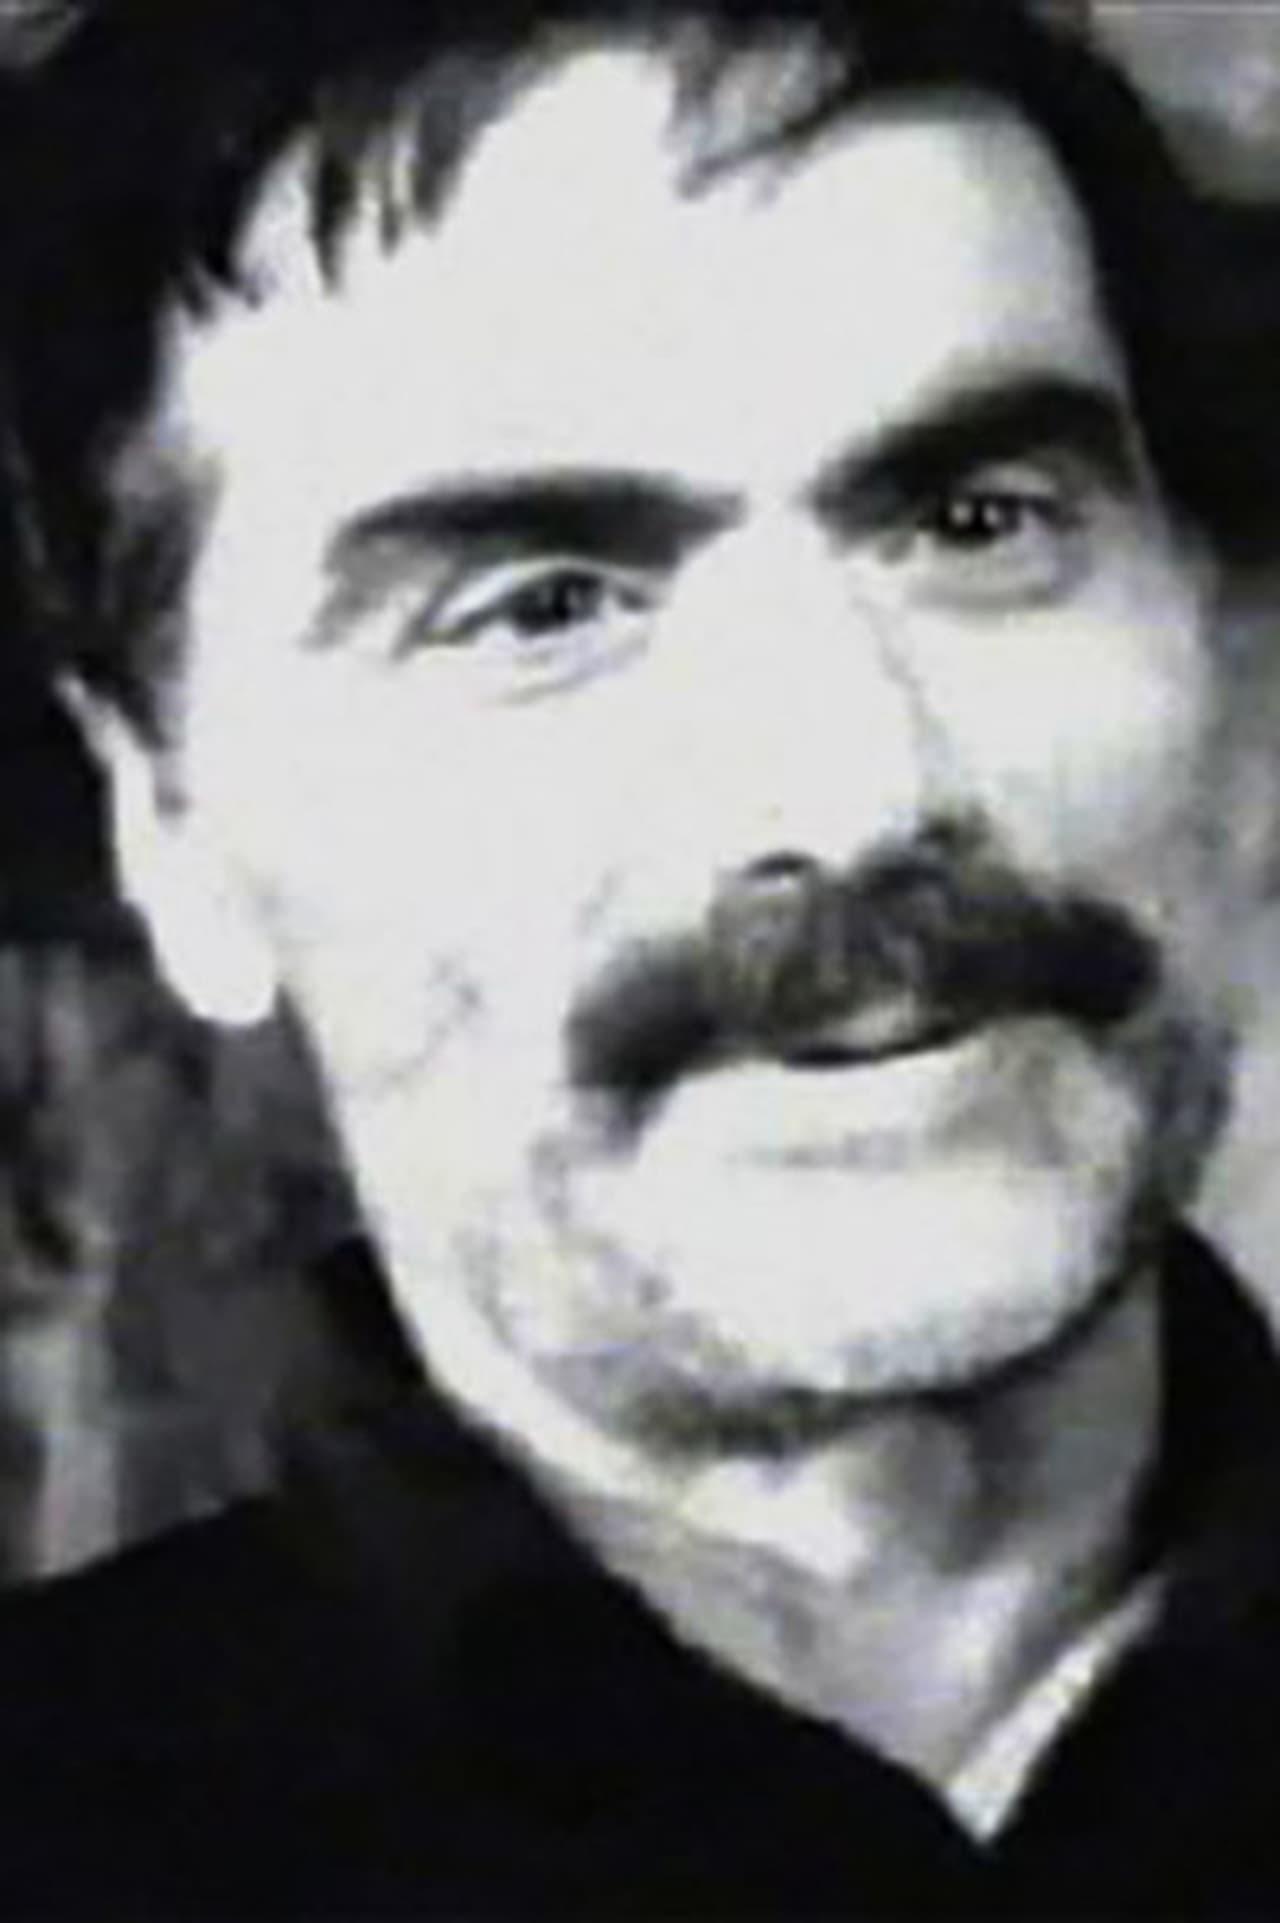 Spartak Bagashvili